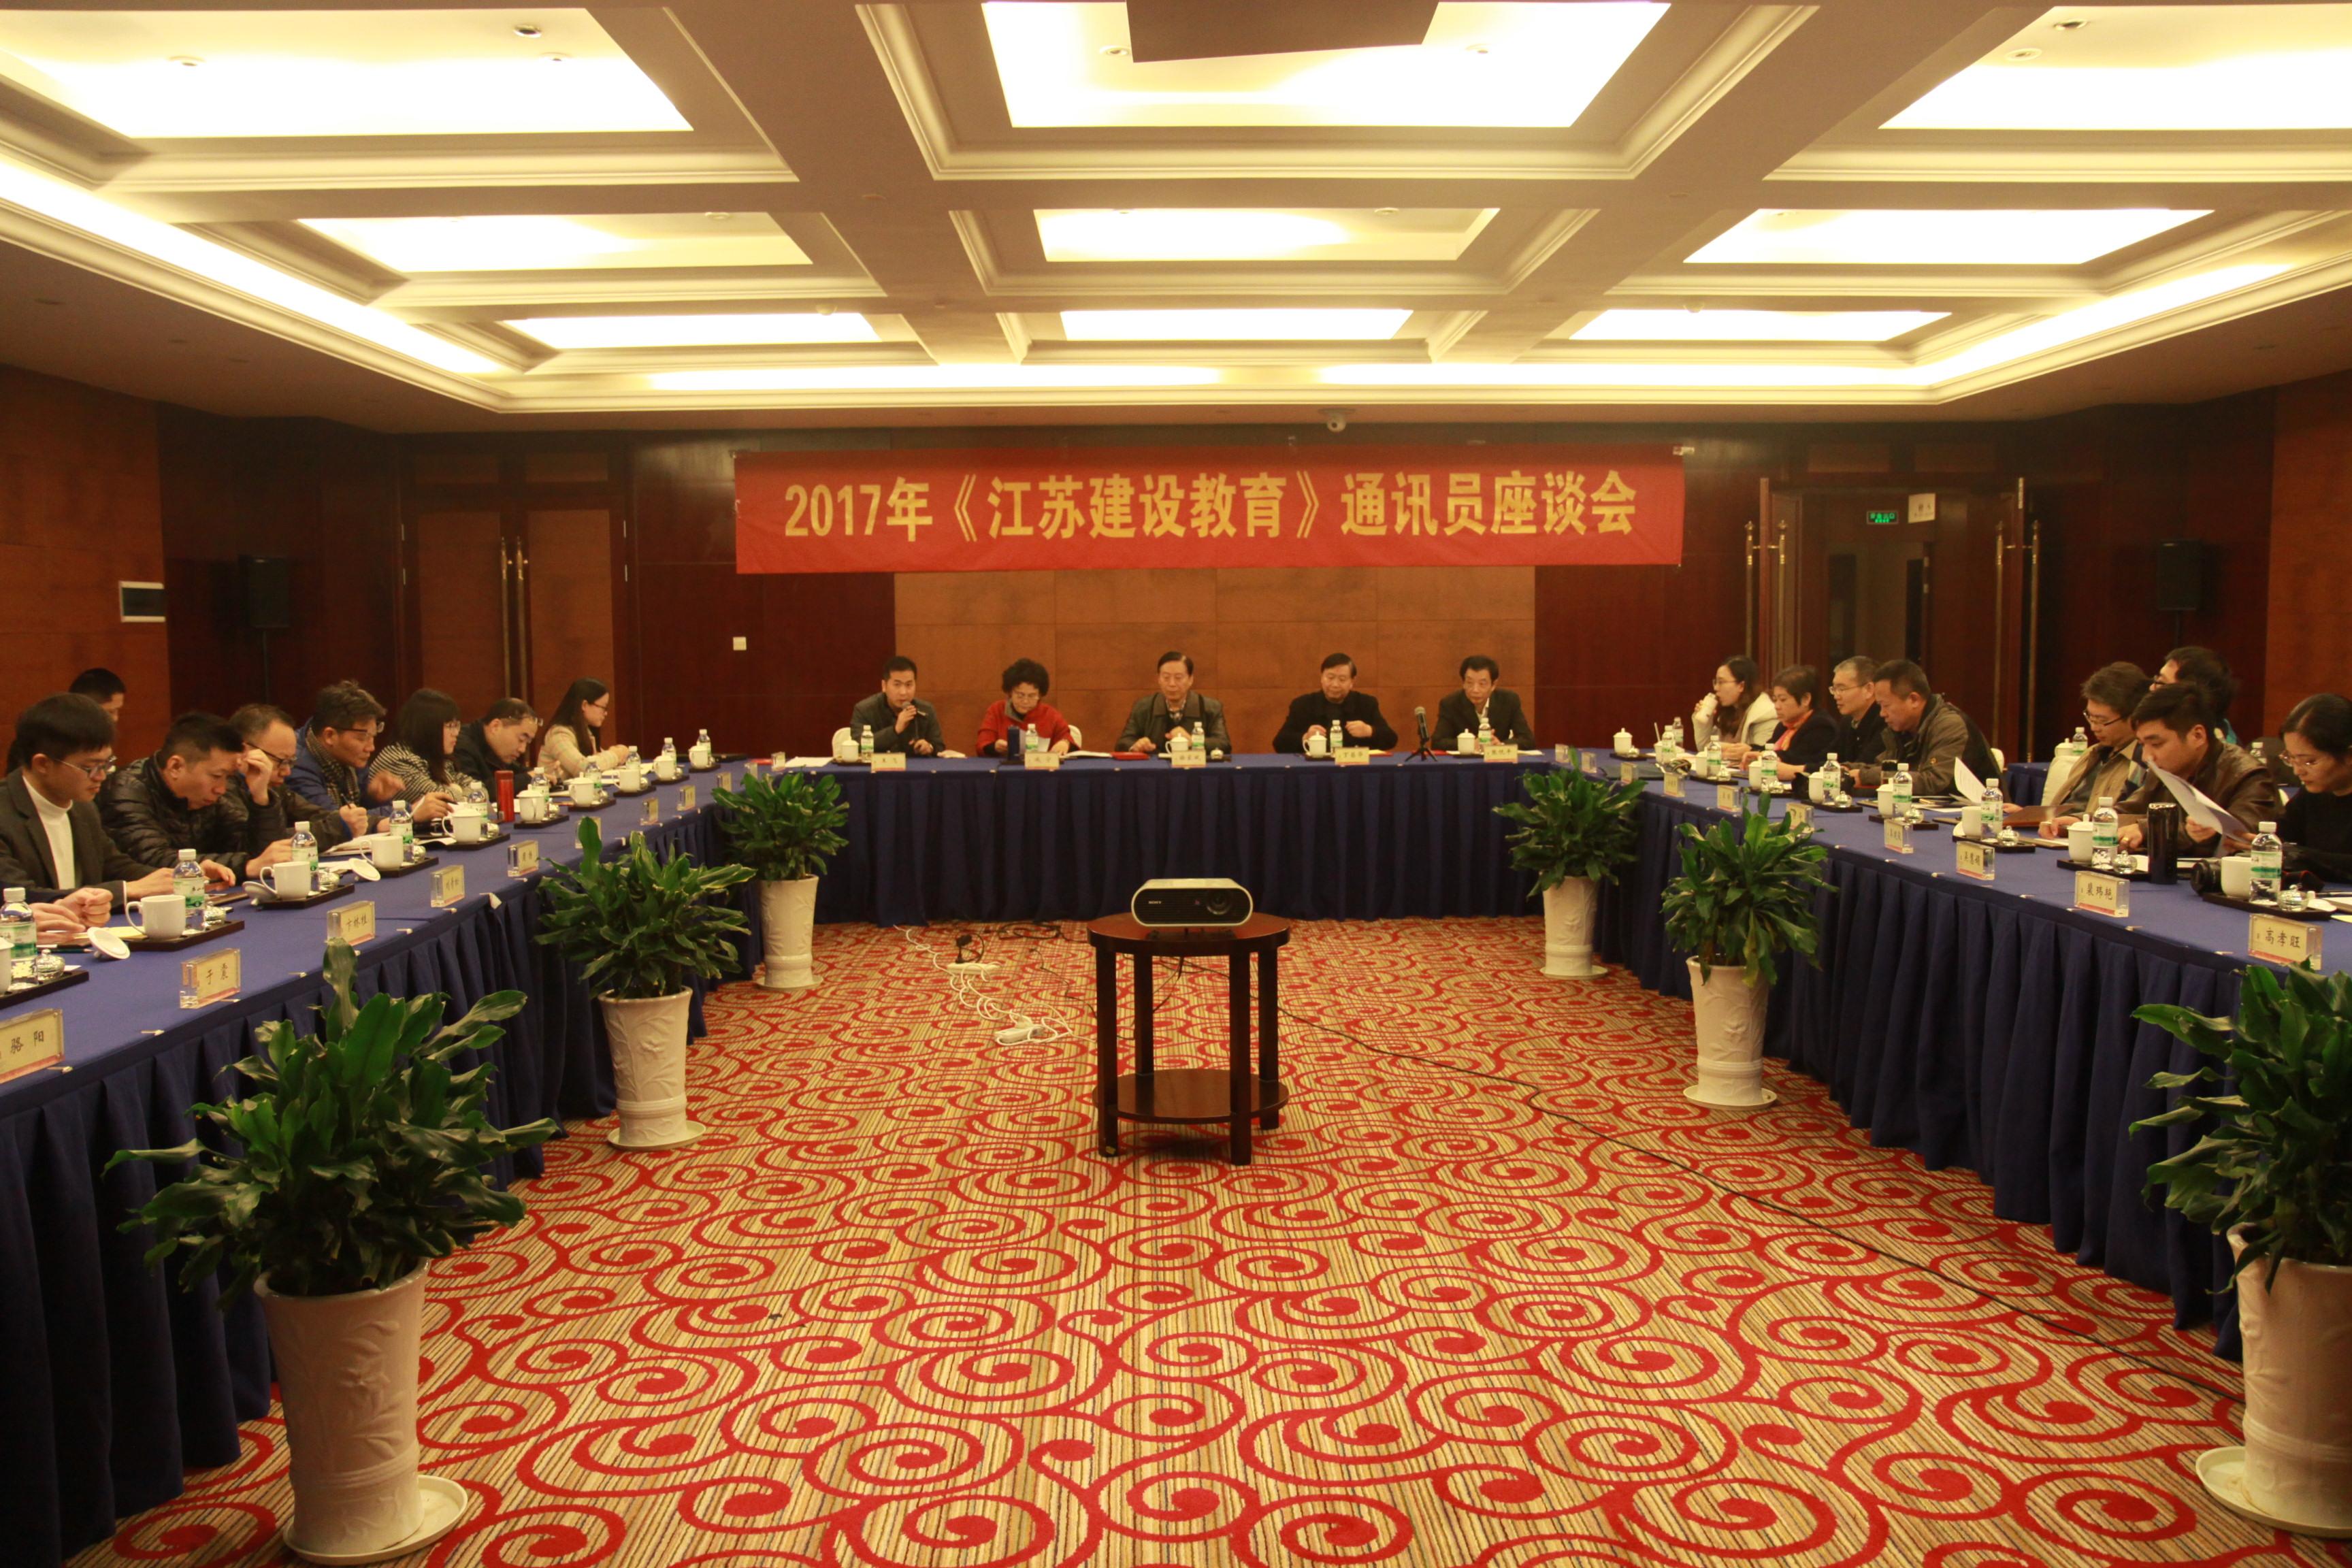 江苏省建设教育协会举办通讯员座谈会